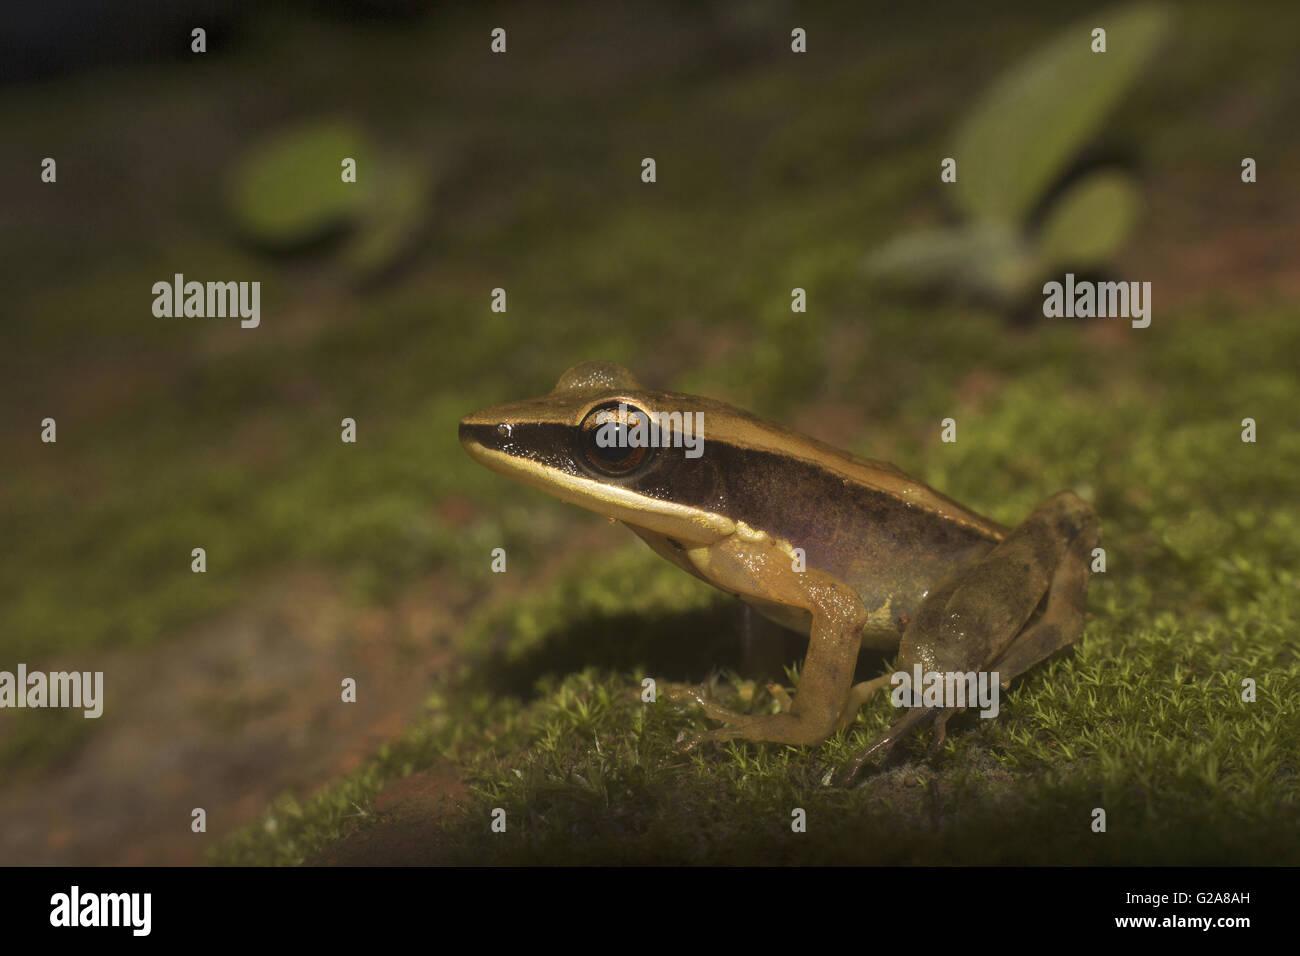 Bronzed frog, Hylarana temporalis, Sharavathi Wildlife Sanctuary, Karnataka, India - Stock Image